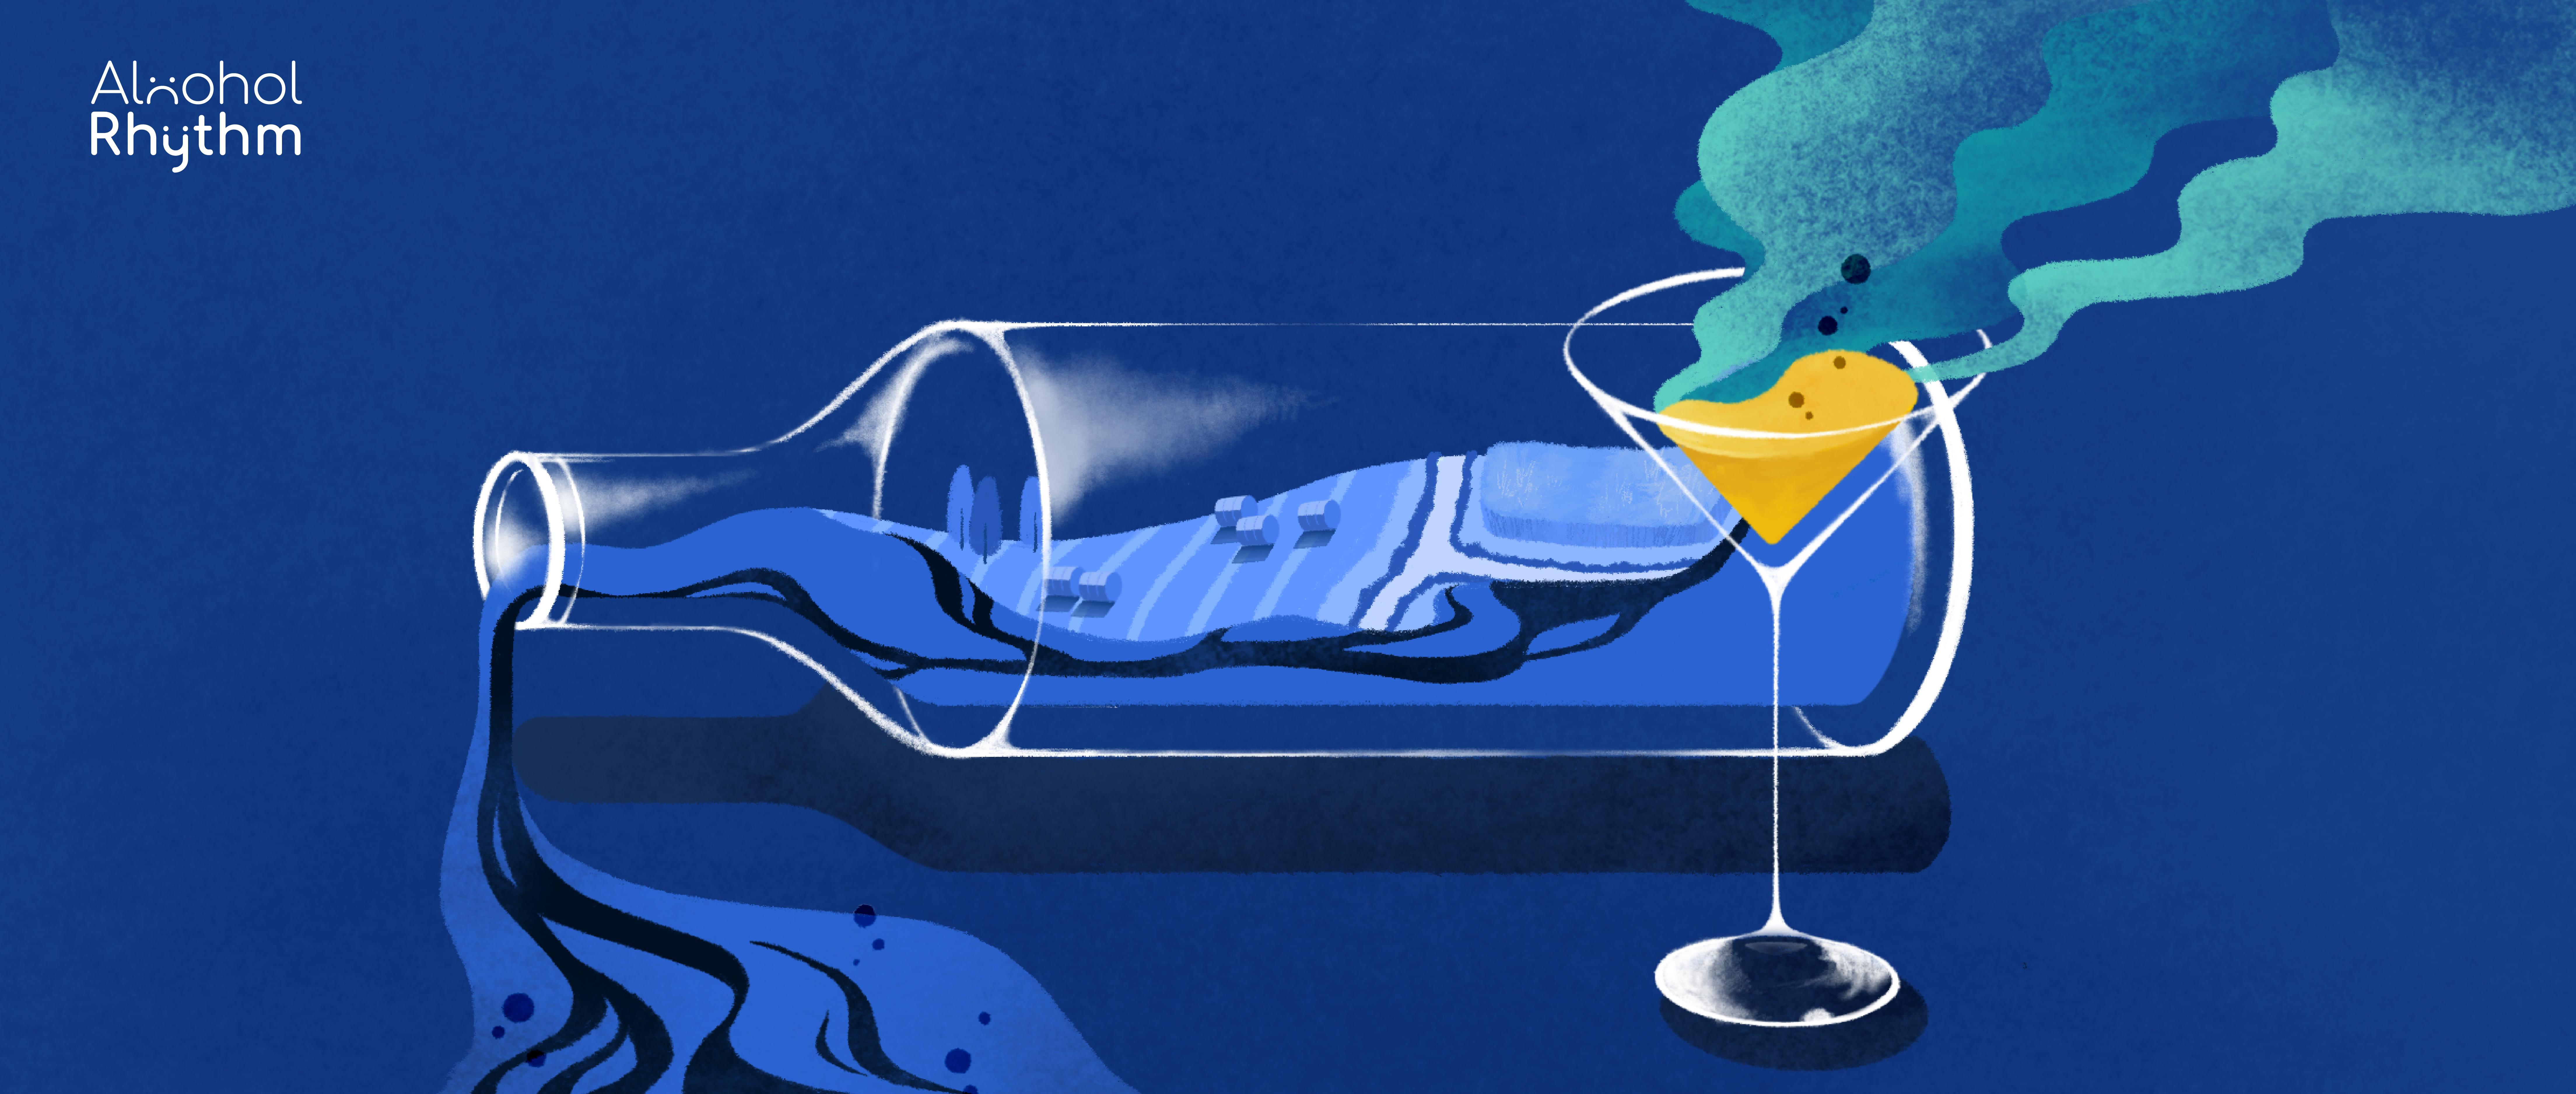 ลดการดื่มช่วยรักษ์โลกได้อย่างไร? – สำรวจผลกระทบของเหล้าเบียร์ต่อสิ่งแวดล้อม